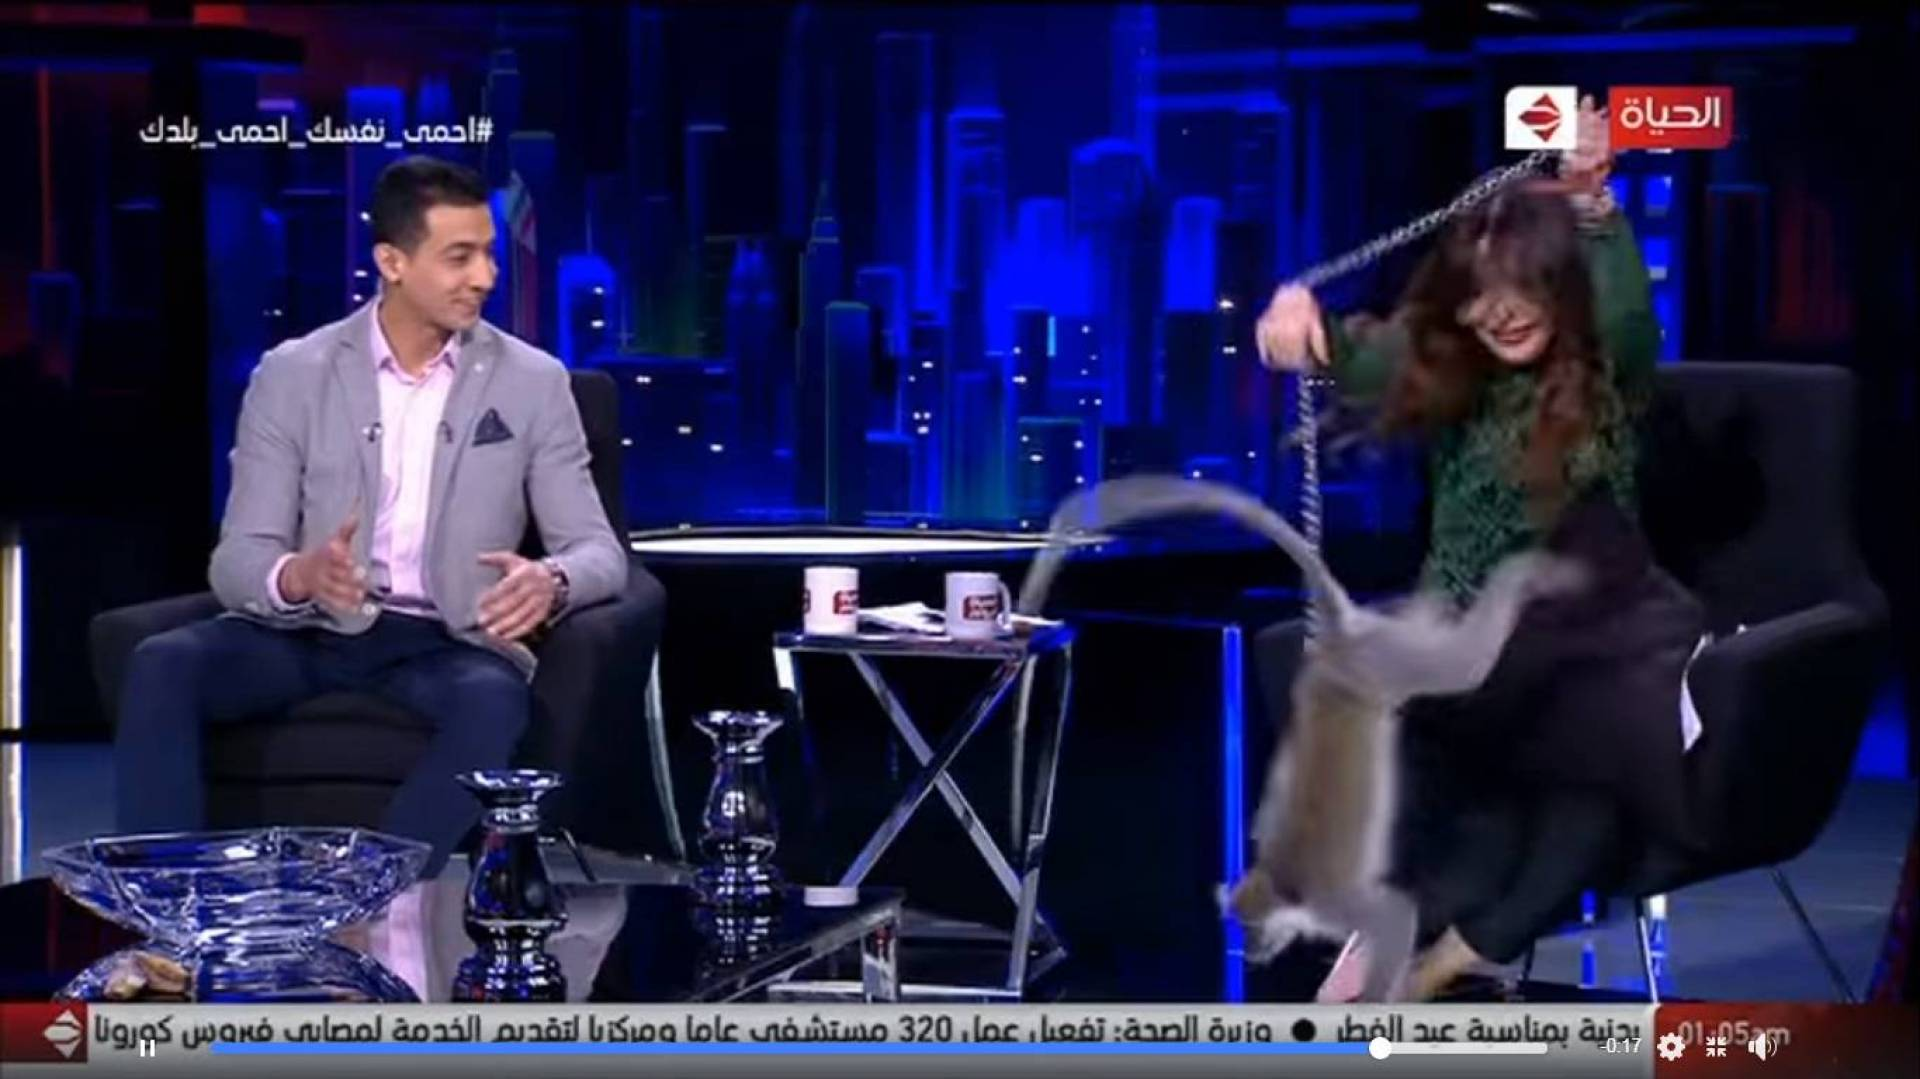 بالفيديو - قرد يهاجم المذيعة لبنى عسل على الهواء   Laha Magazine